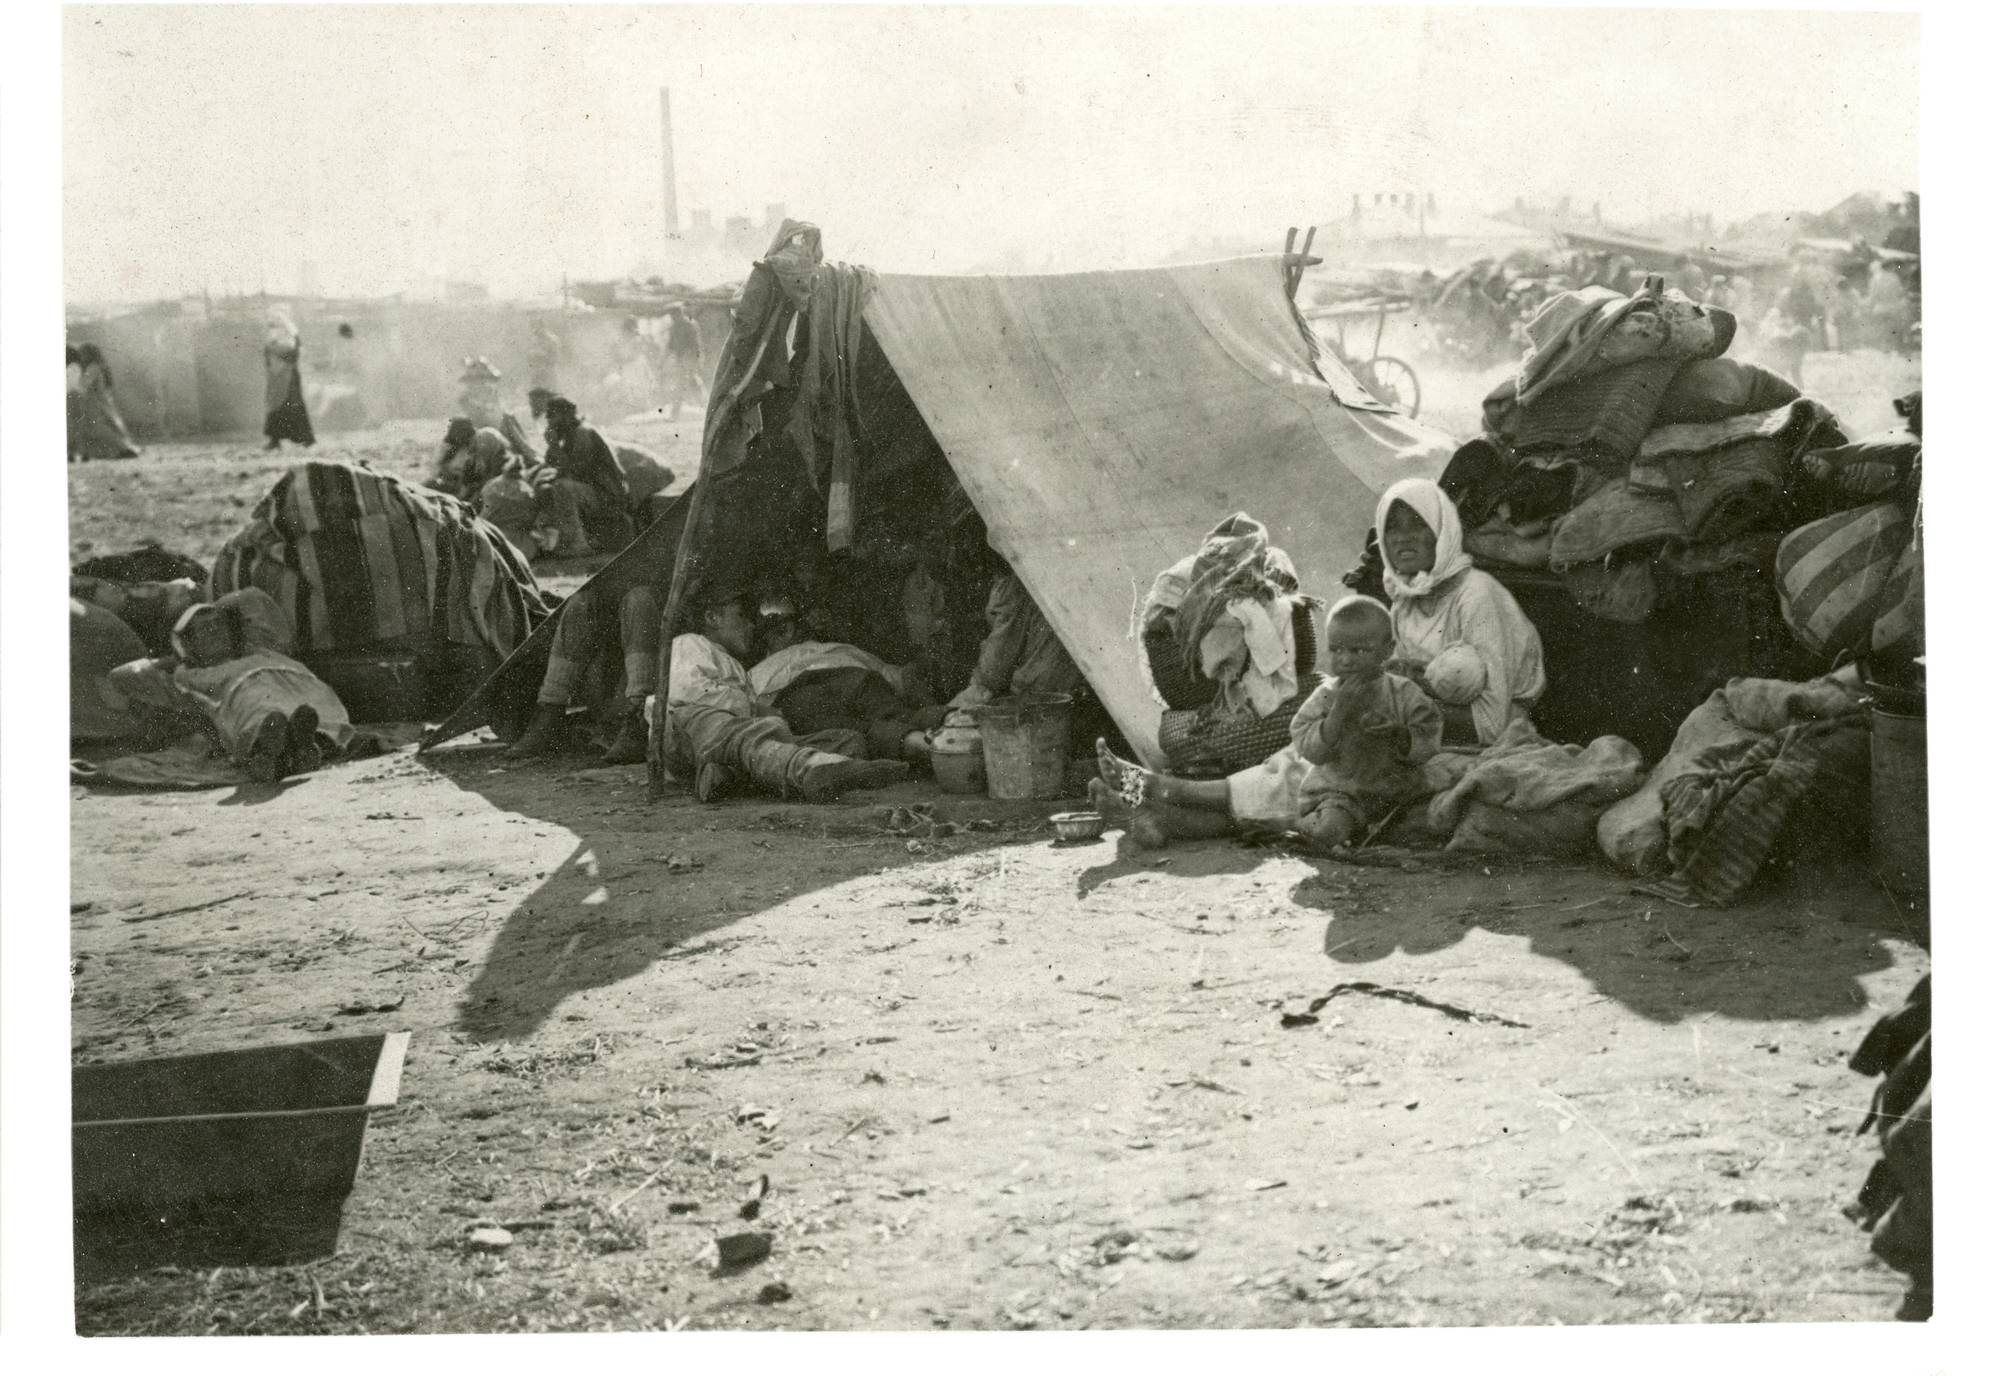 Monet nälän takia kodeistaan lähteneet pakolaiset majoitettiin alkeellisiin telttoihin.